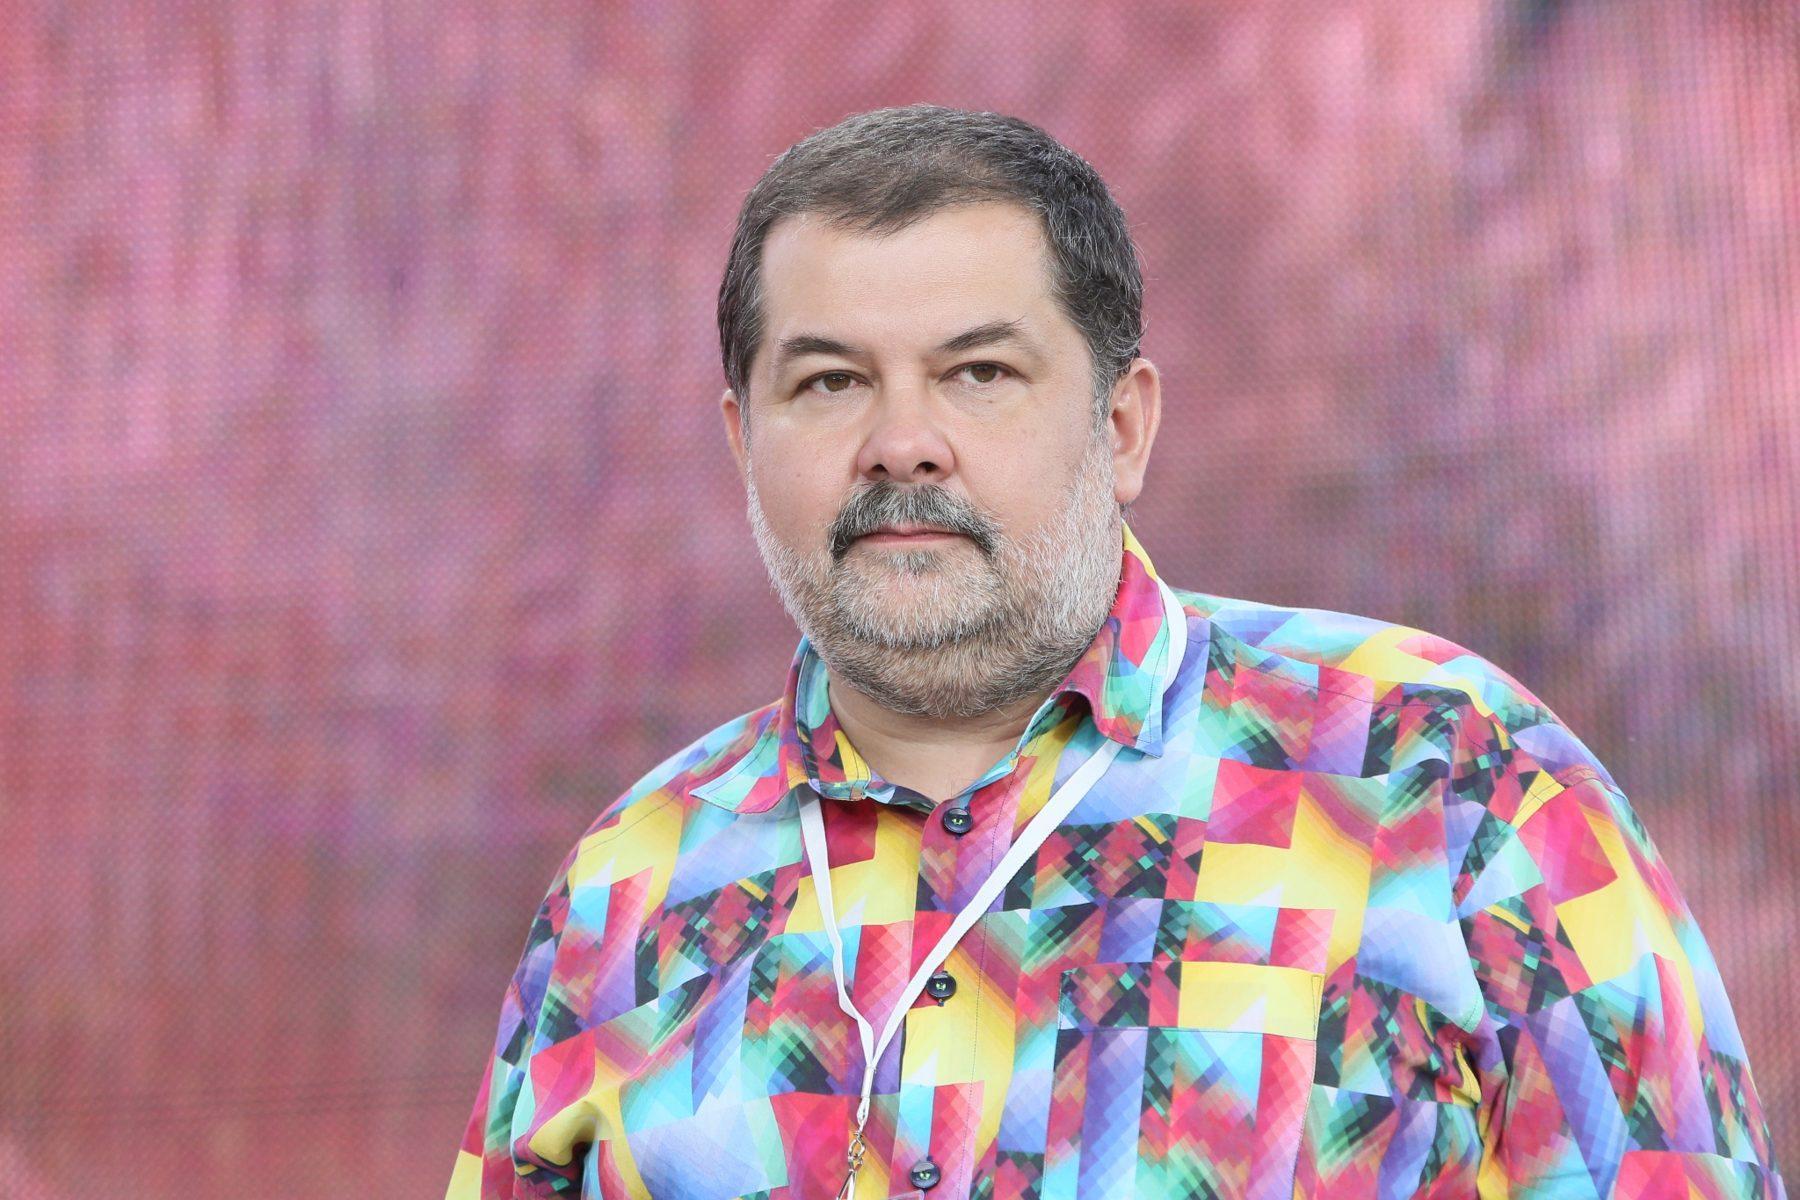 Встреча с Сергеем Лукьяненко – события на сайте «Московские Сезоны»